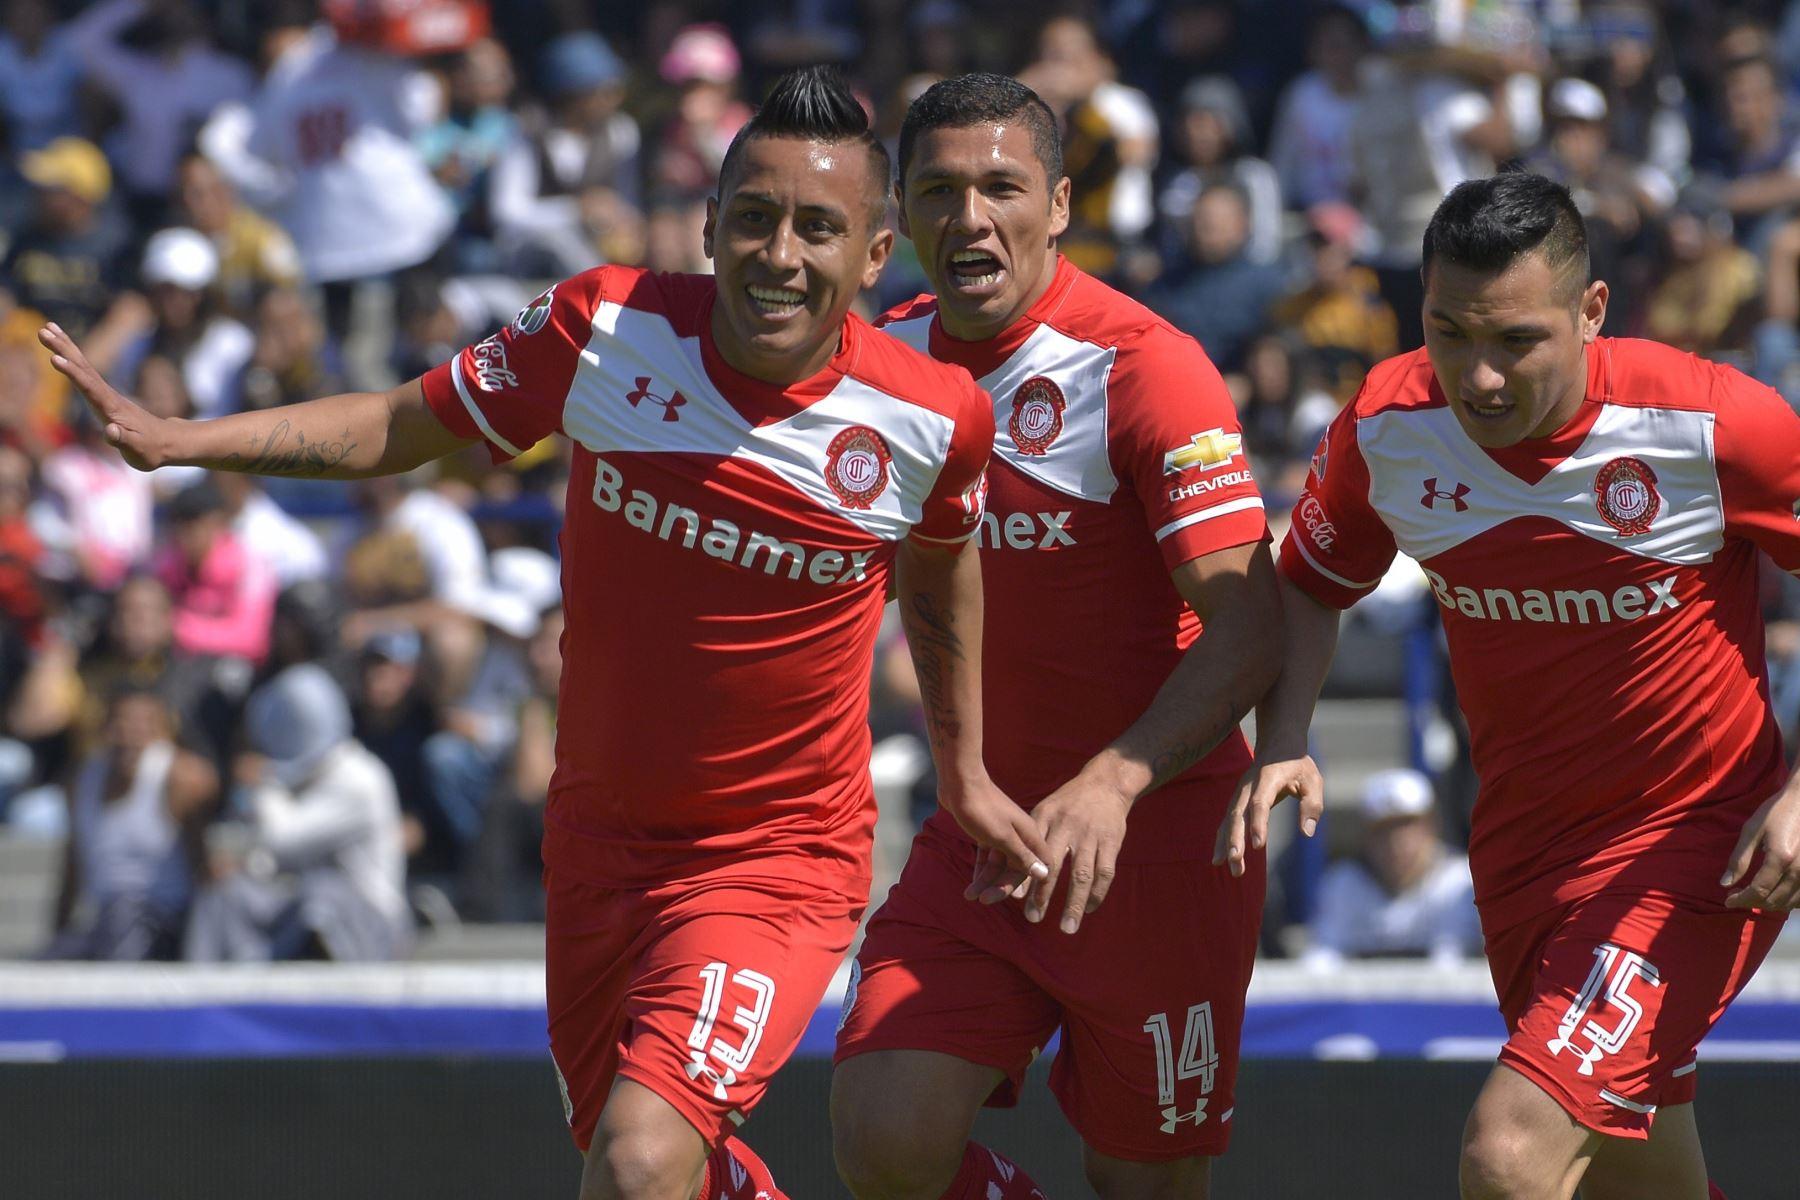 El delantero del Toluca, Christian Cueva, celebra con sus compañero de club Richard Ortiz y Antonio Ríos tras anotar un gol al Pumas durante el Torneo Clausura Mexicano 2016. Debutó por el Toluca en el año 2015. Foto: AFP